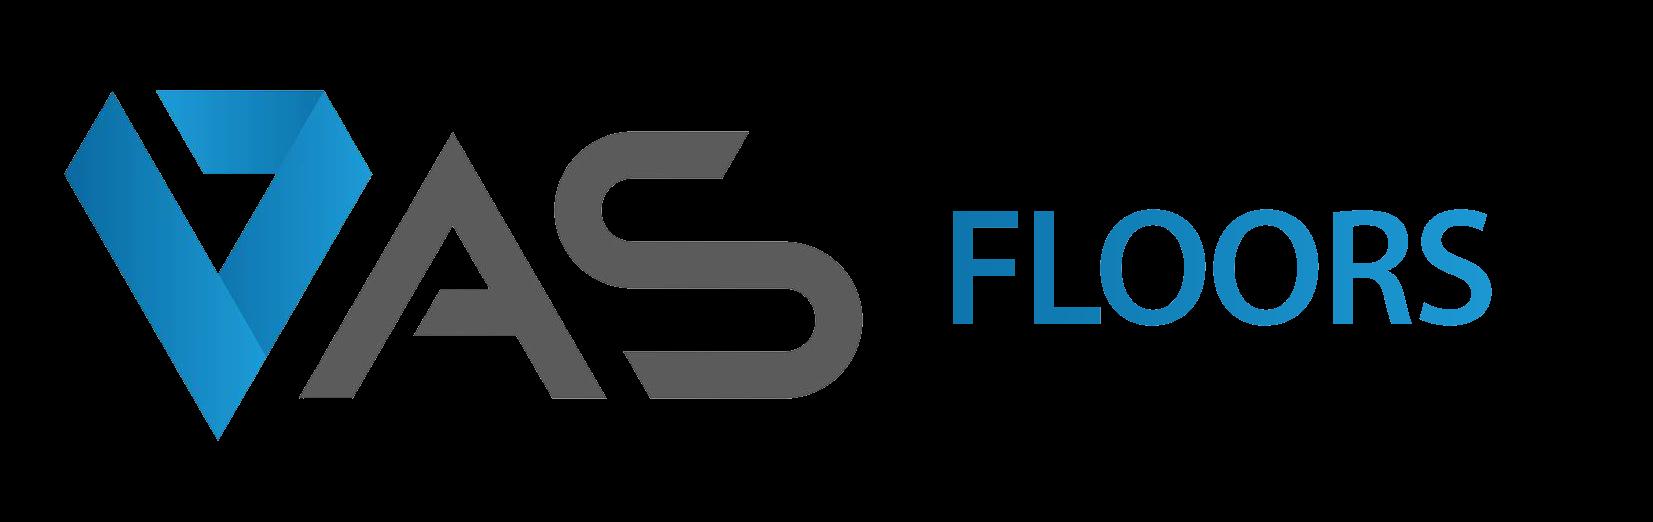 VAS-Floors